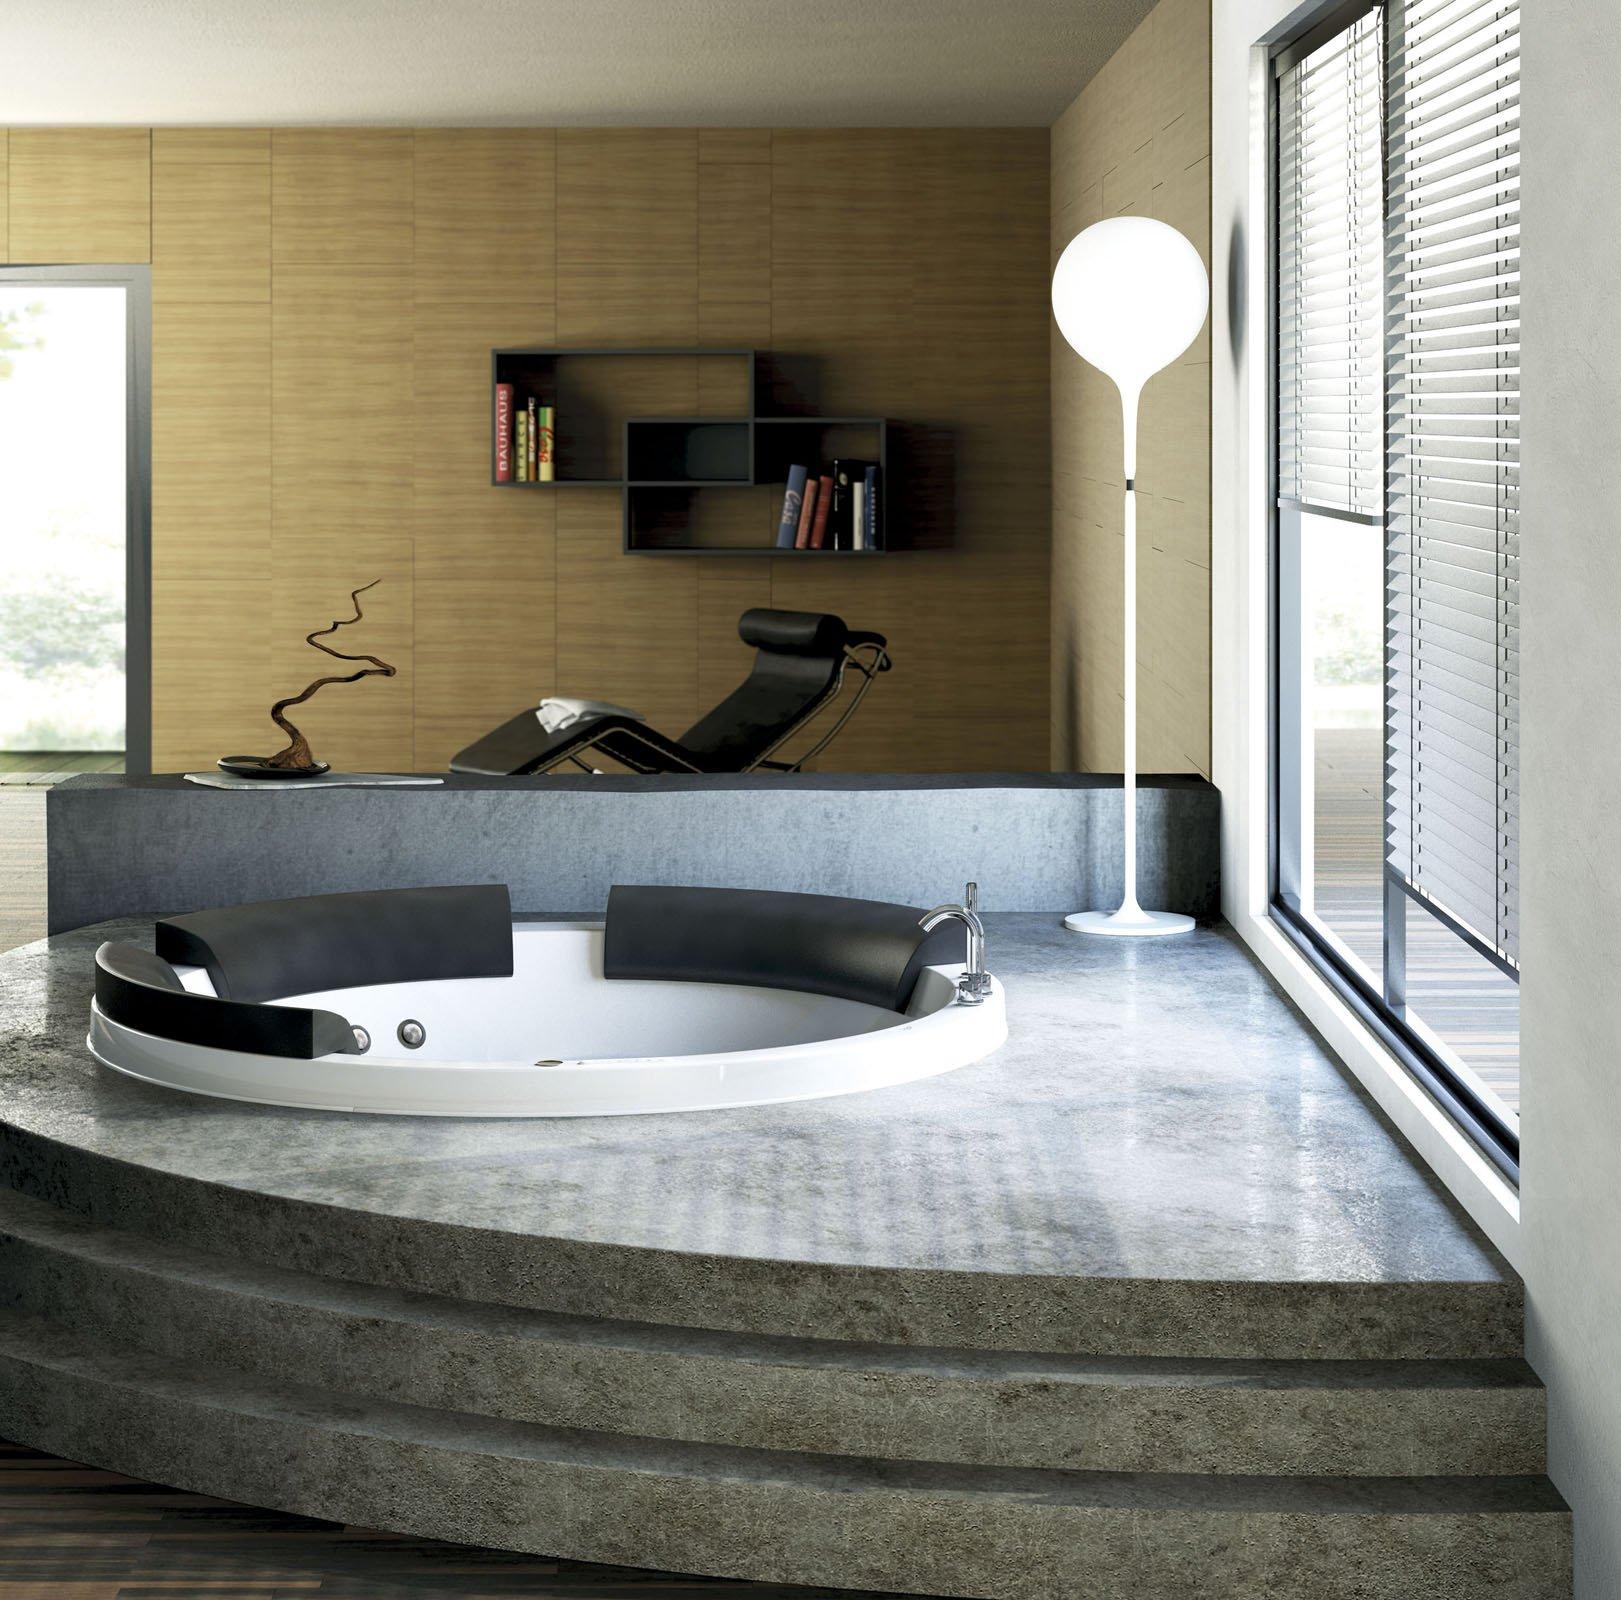 Le vasche idromassaggio cose di casa - Vasche da bagno a incasso ...